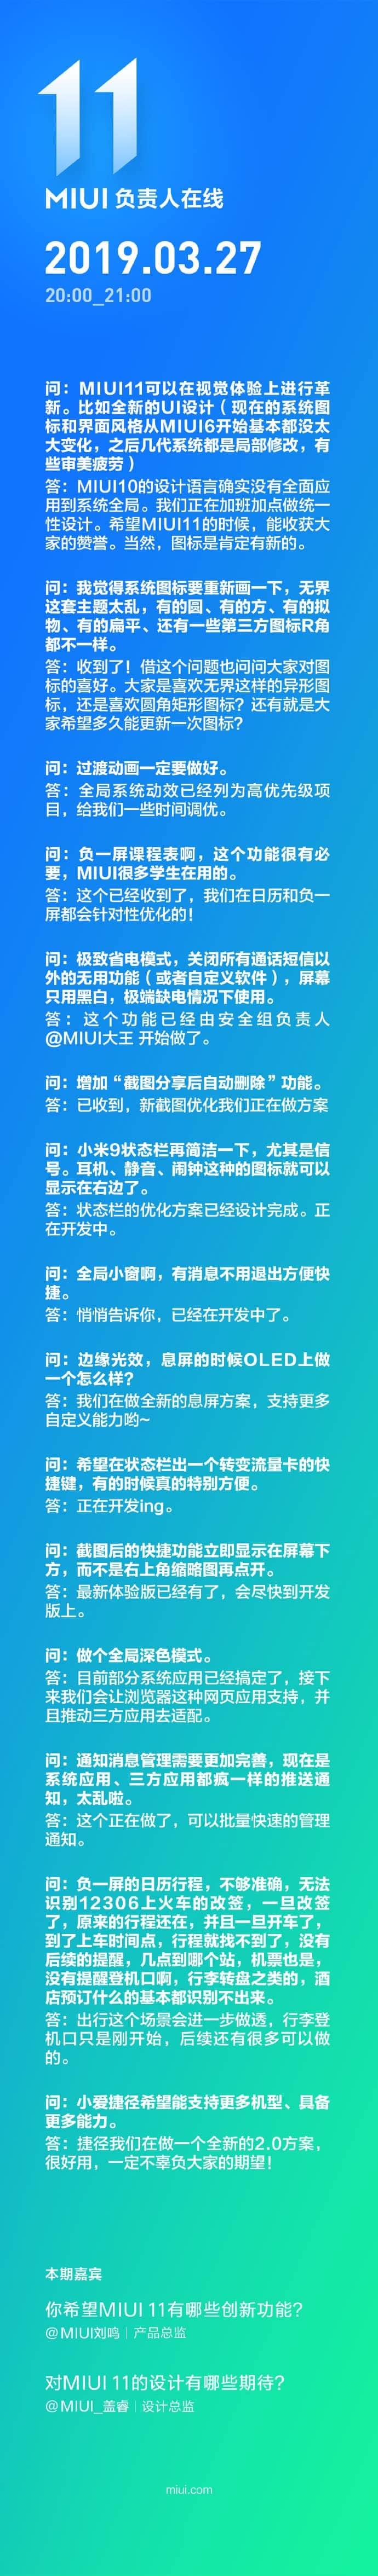 Xiaomi – GizDev